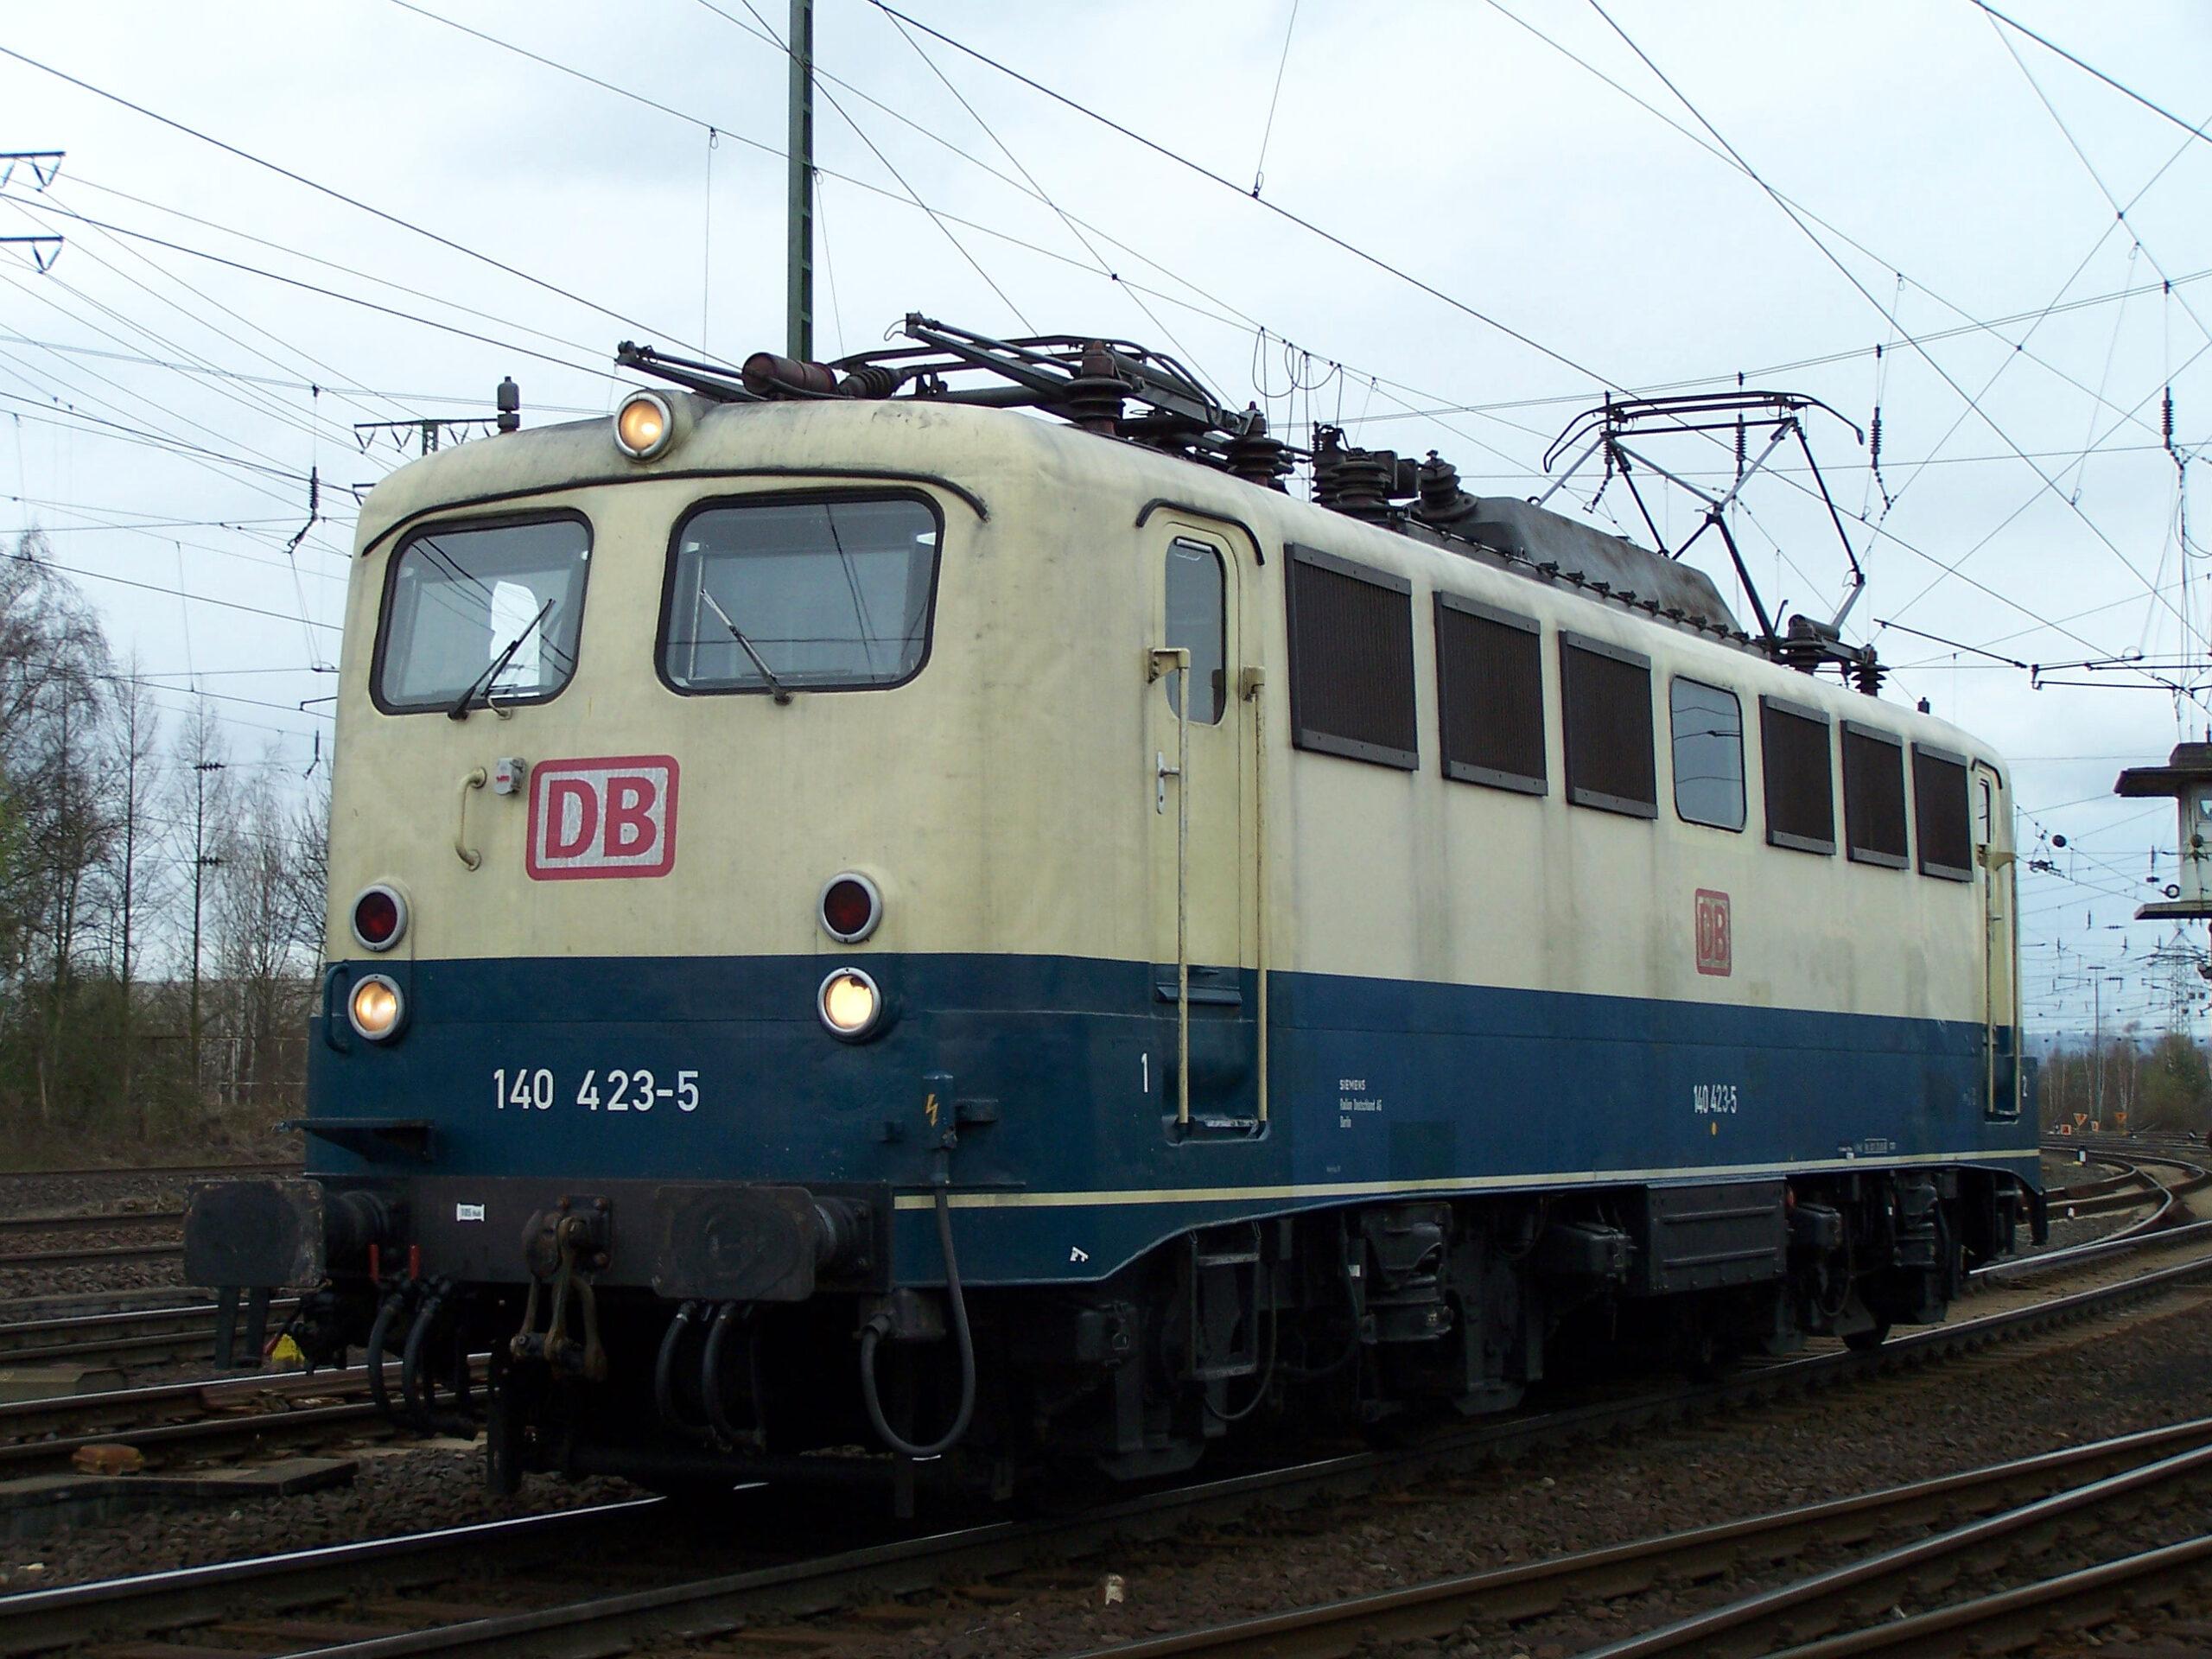 DB-Baureihe 140